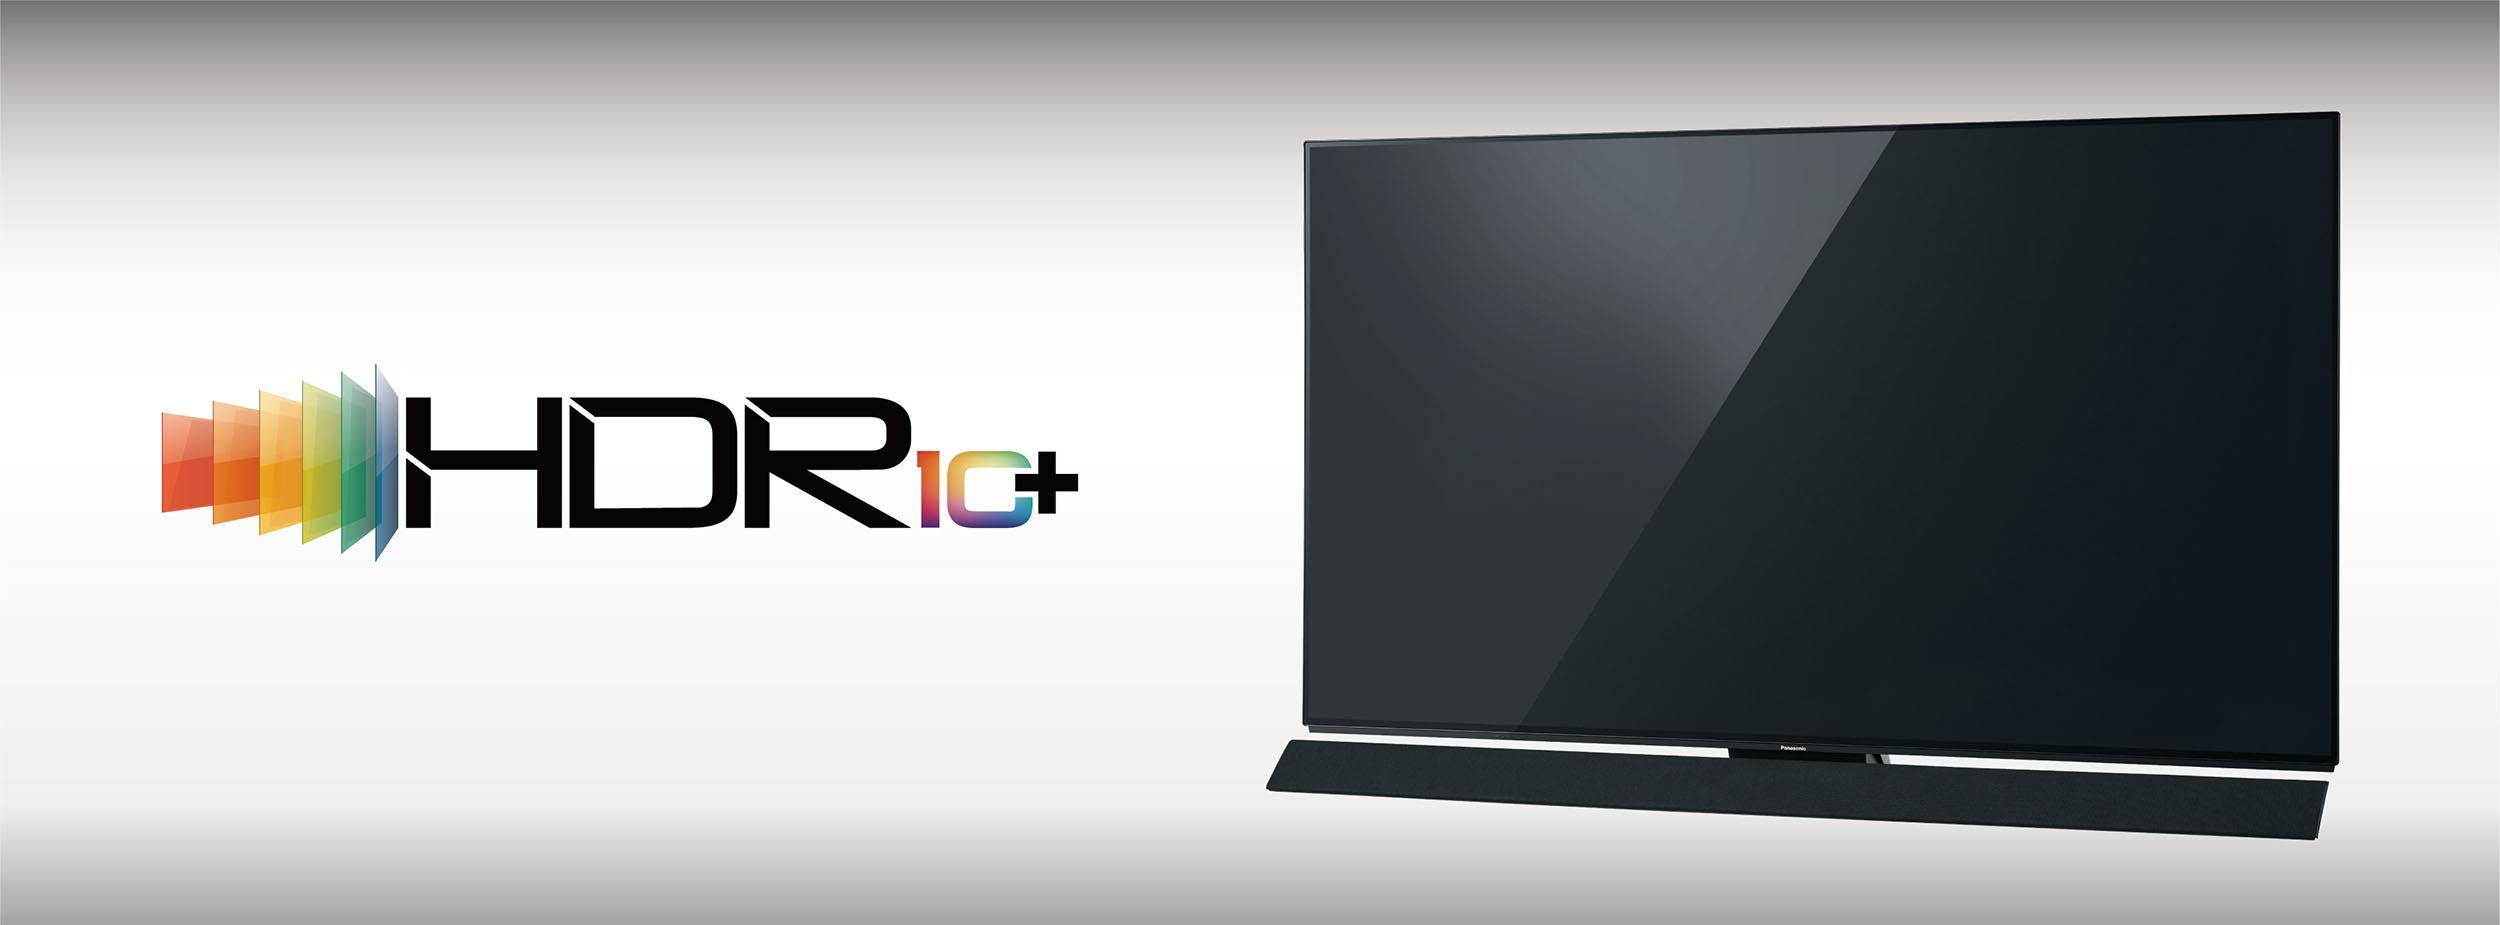 4Kテレビ「ビエラ」がHDRの新規格「HDR10+」に対応